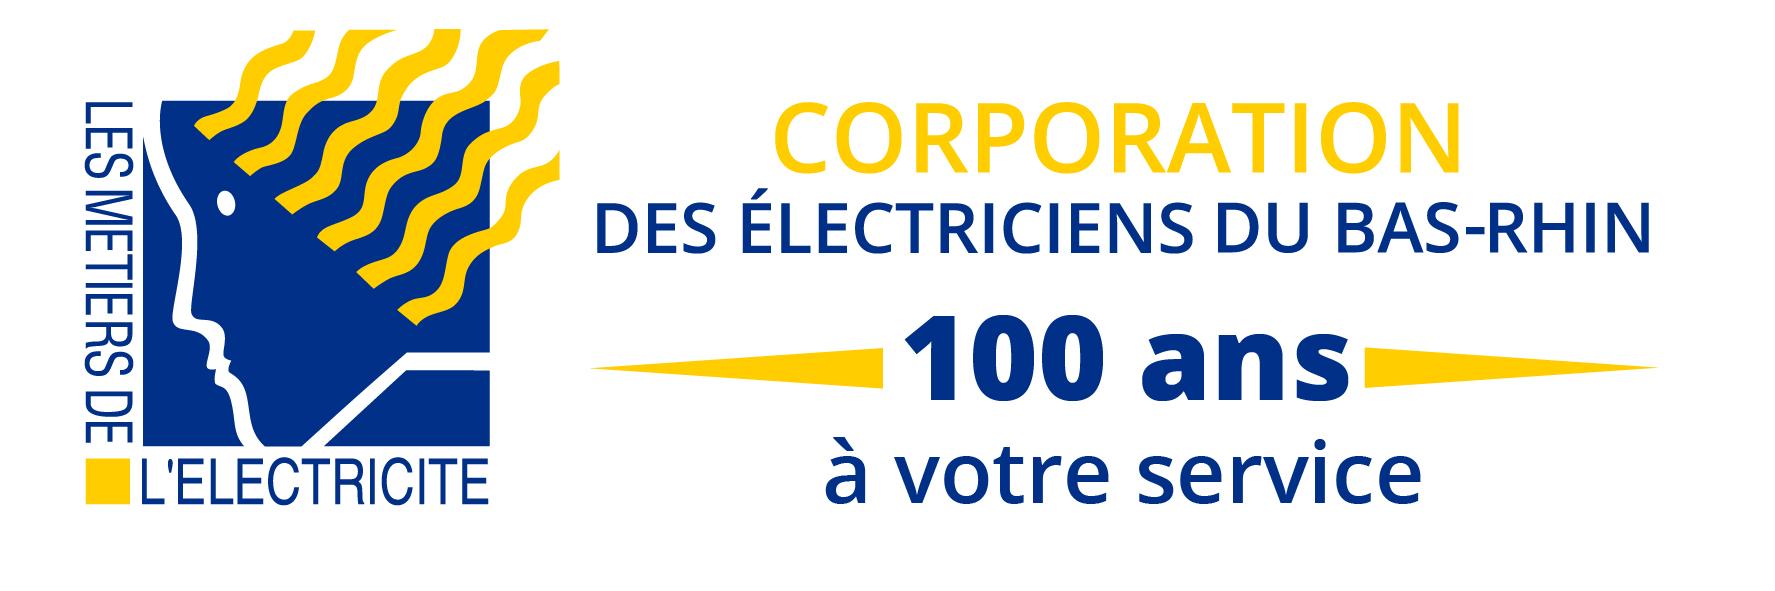 LOGO CORPO ELECTRICIENS 100ANS RVB_Plan de travail 1